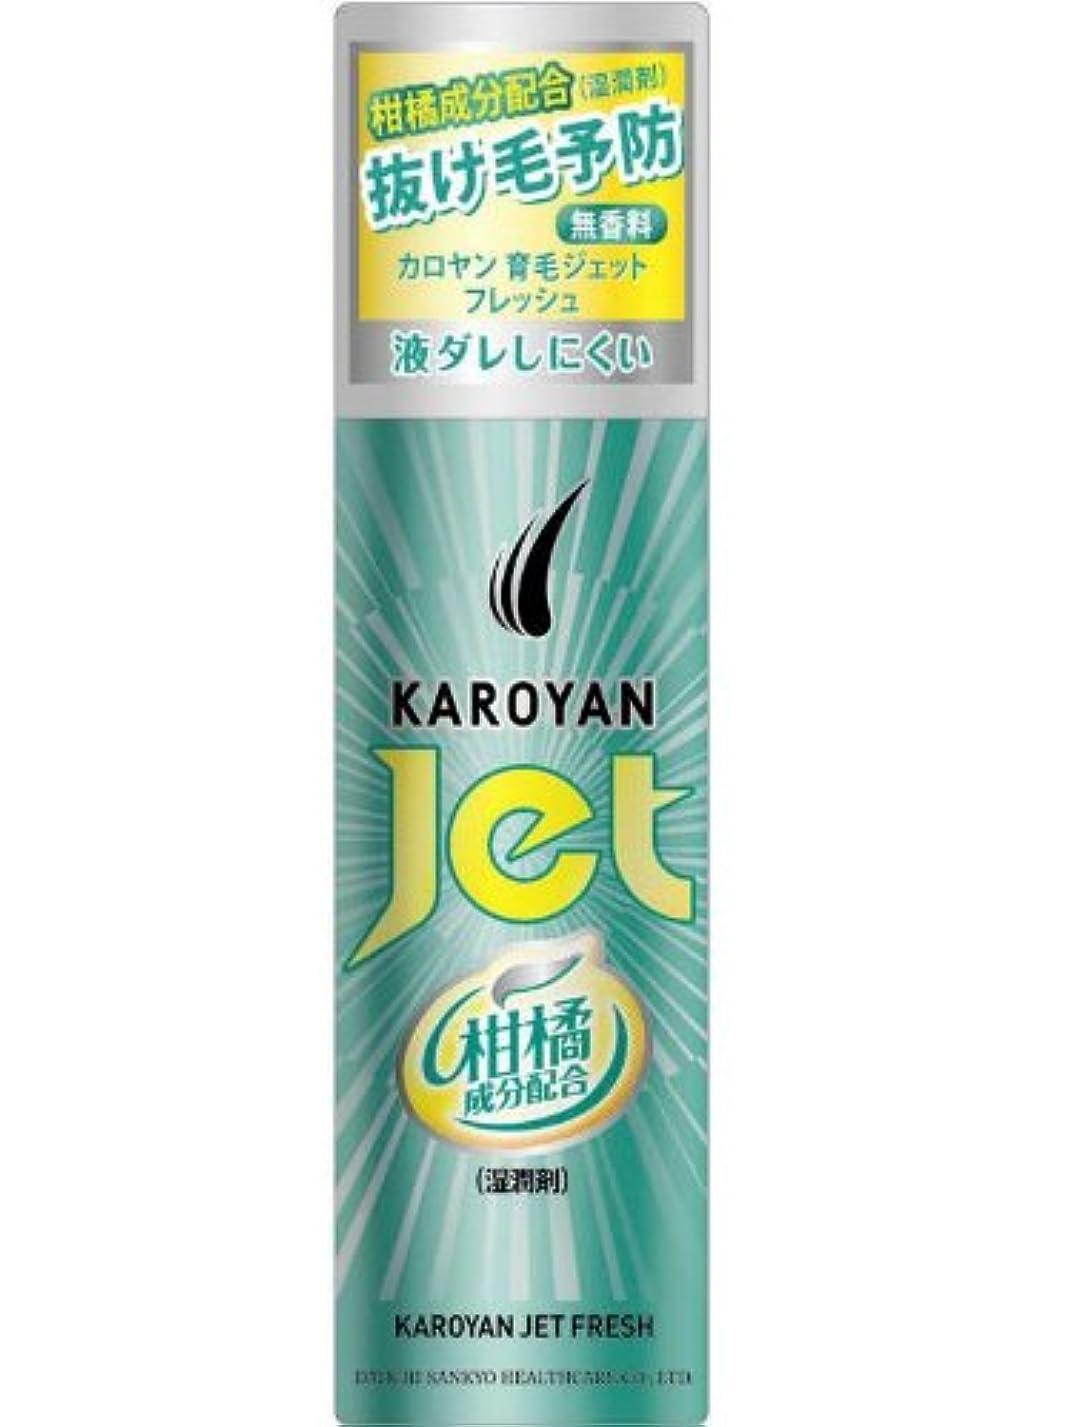 アンビエントプラットフォーム原告カロヤン ジェット 無香料フレッシュ 185g 【医薬部外品】